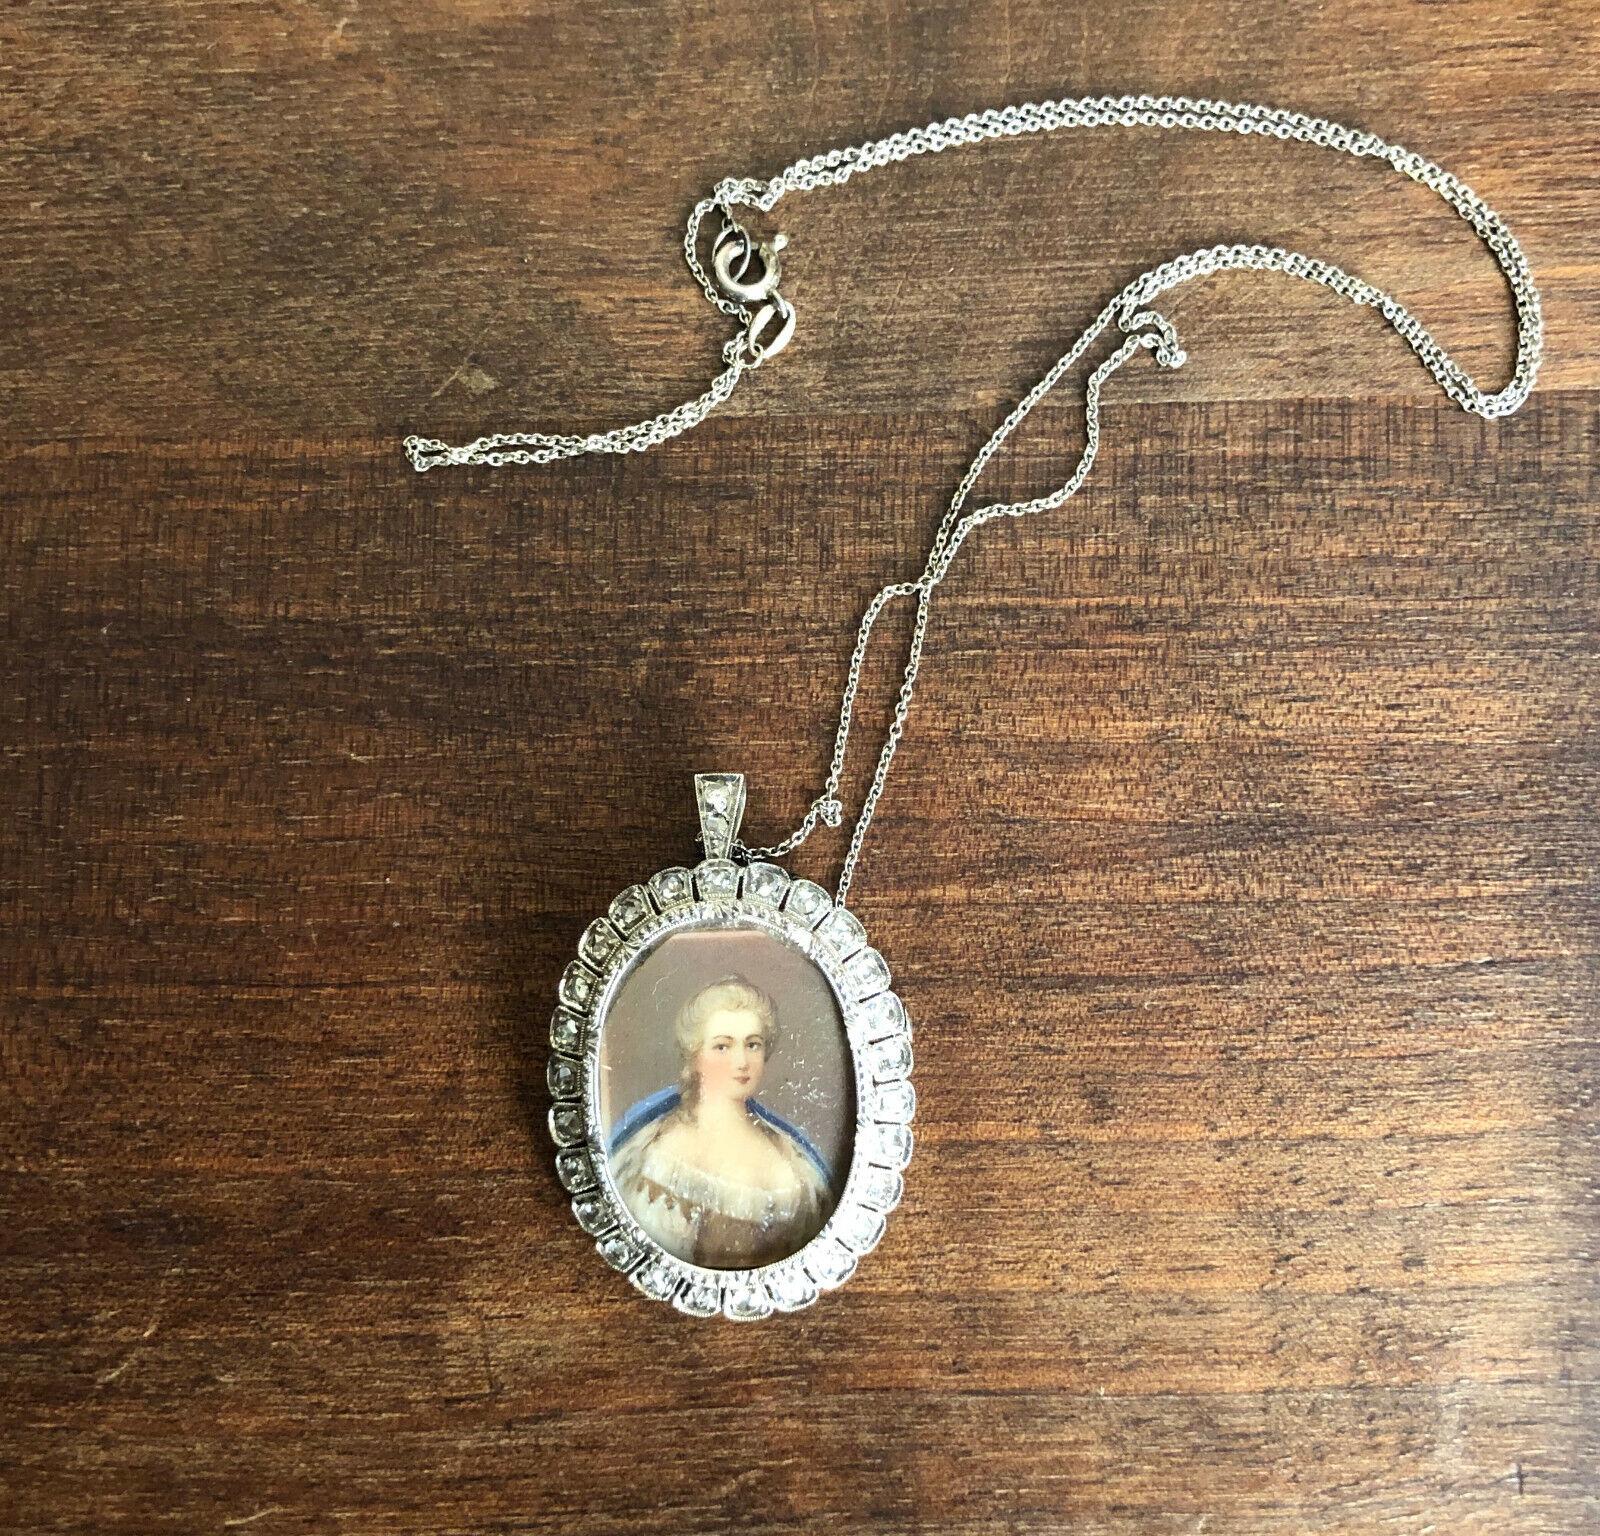 Spilla e pendente con catenina in argentoo argentoo argentoo ventisei brillanti e miniatura dama e86233